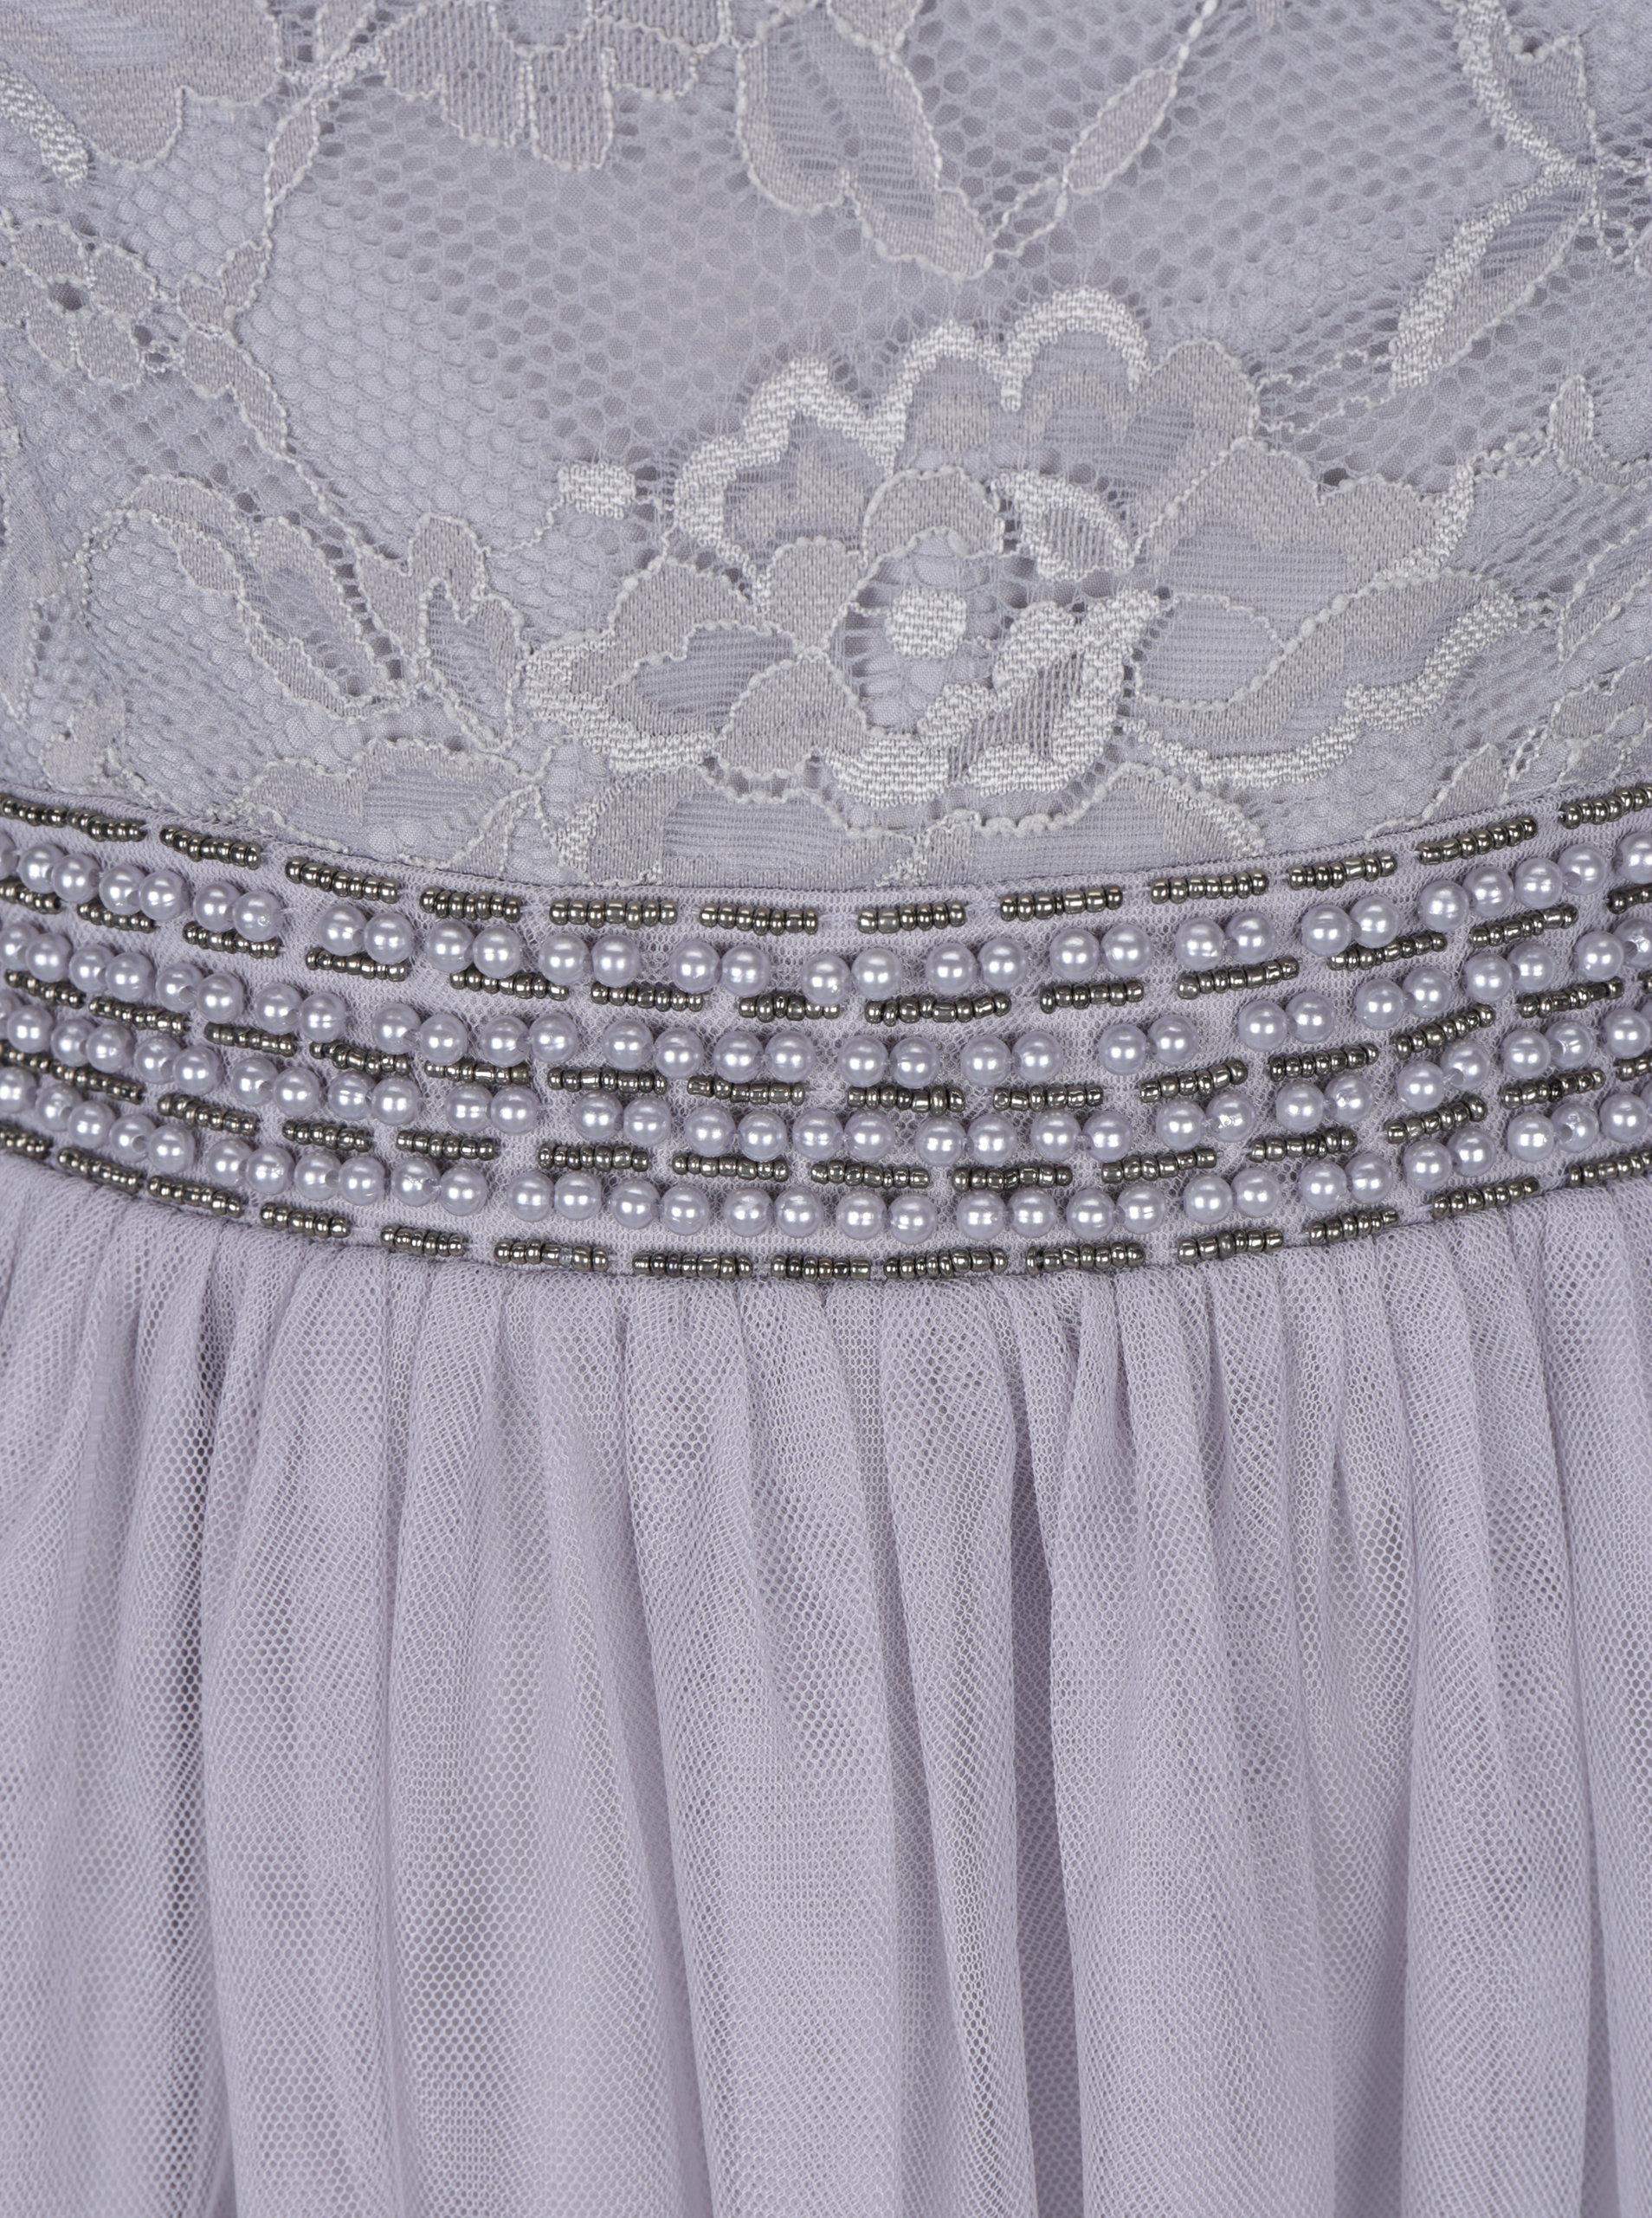 636ba7fe92b9 Šedé šaty s odhalenými rameny a krajkovým topem Little Mistress ...